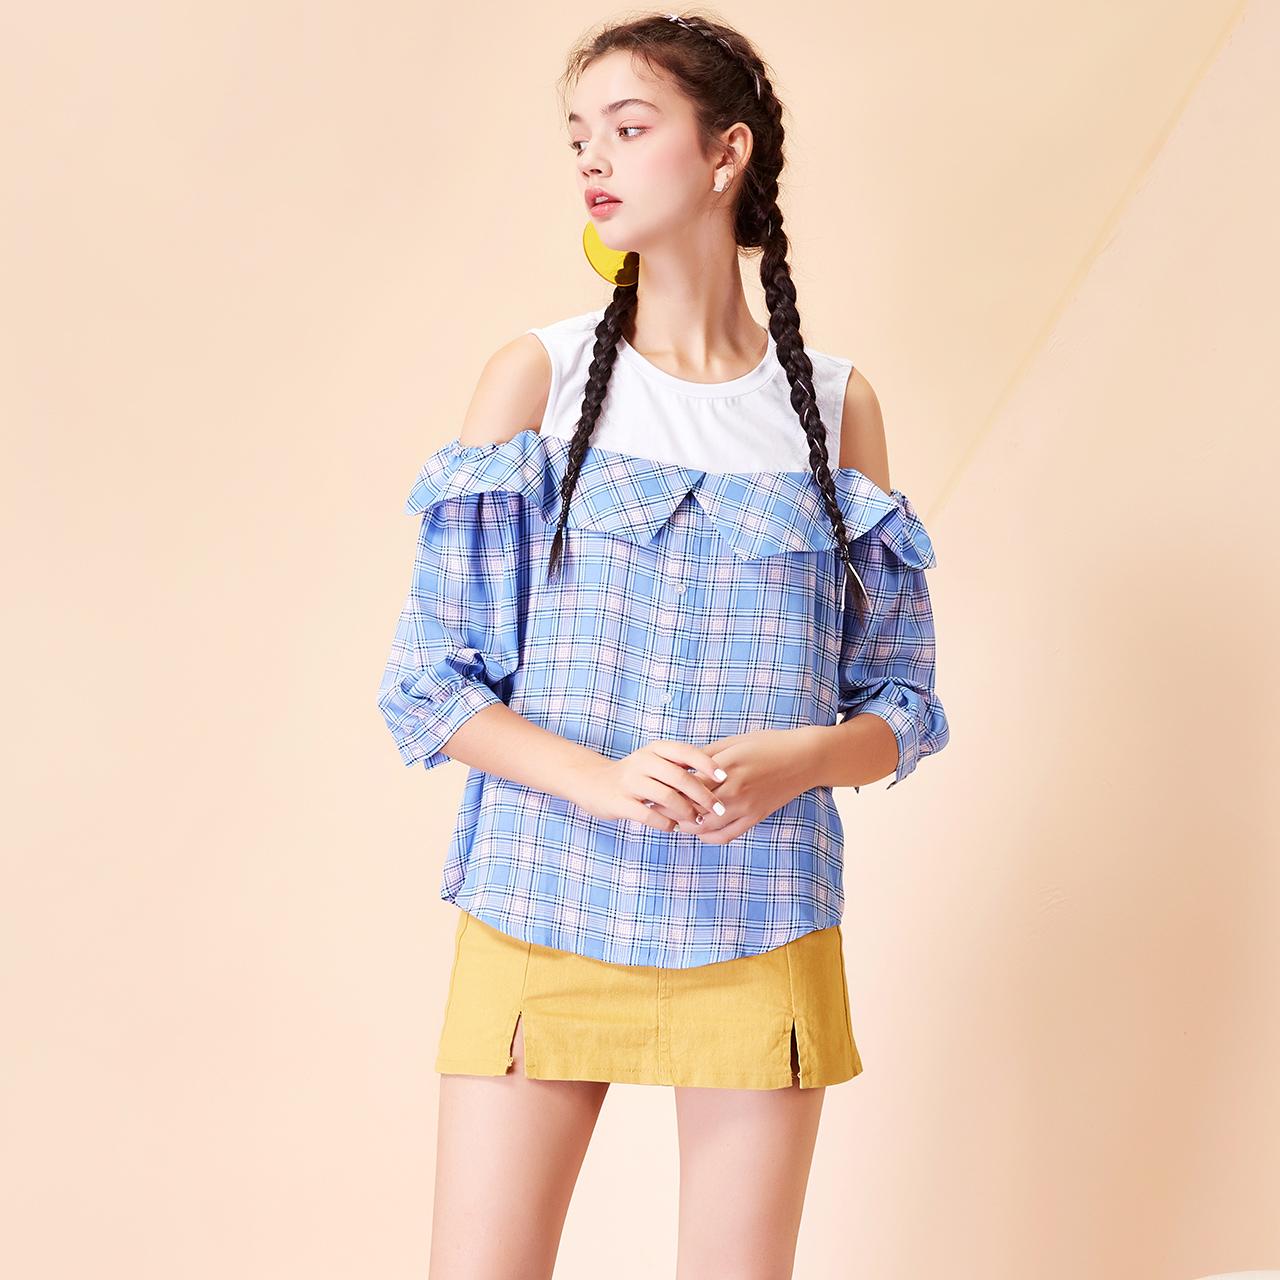 圆领露肩拼接7m2019春装新款女上衣学生小清新简约七分袖格子衬衫